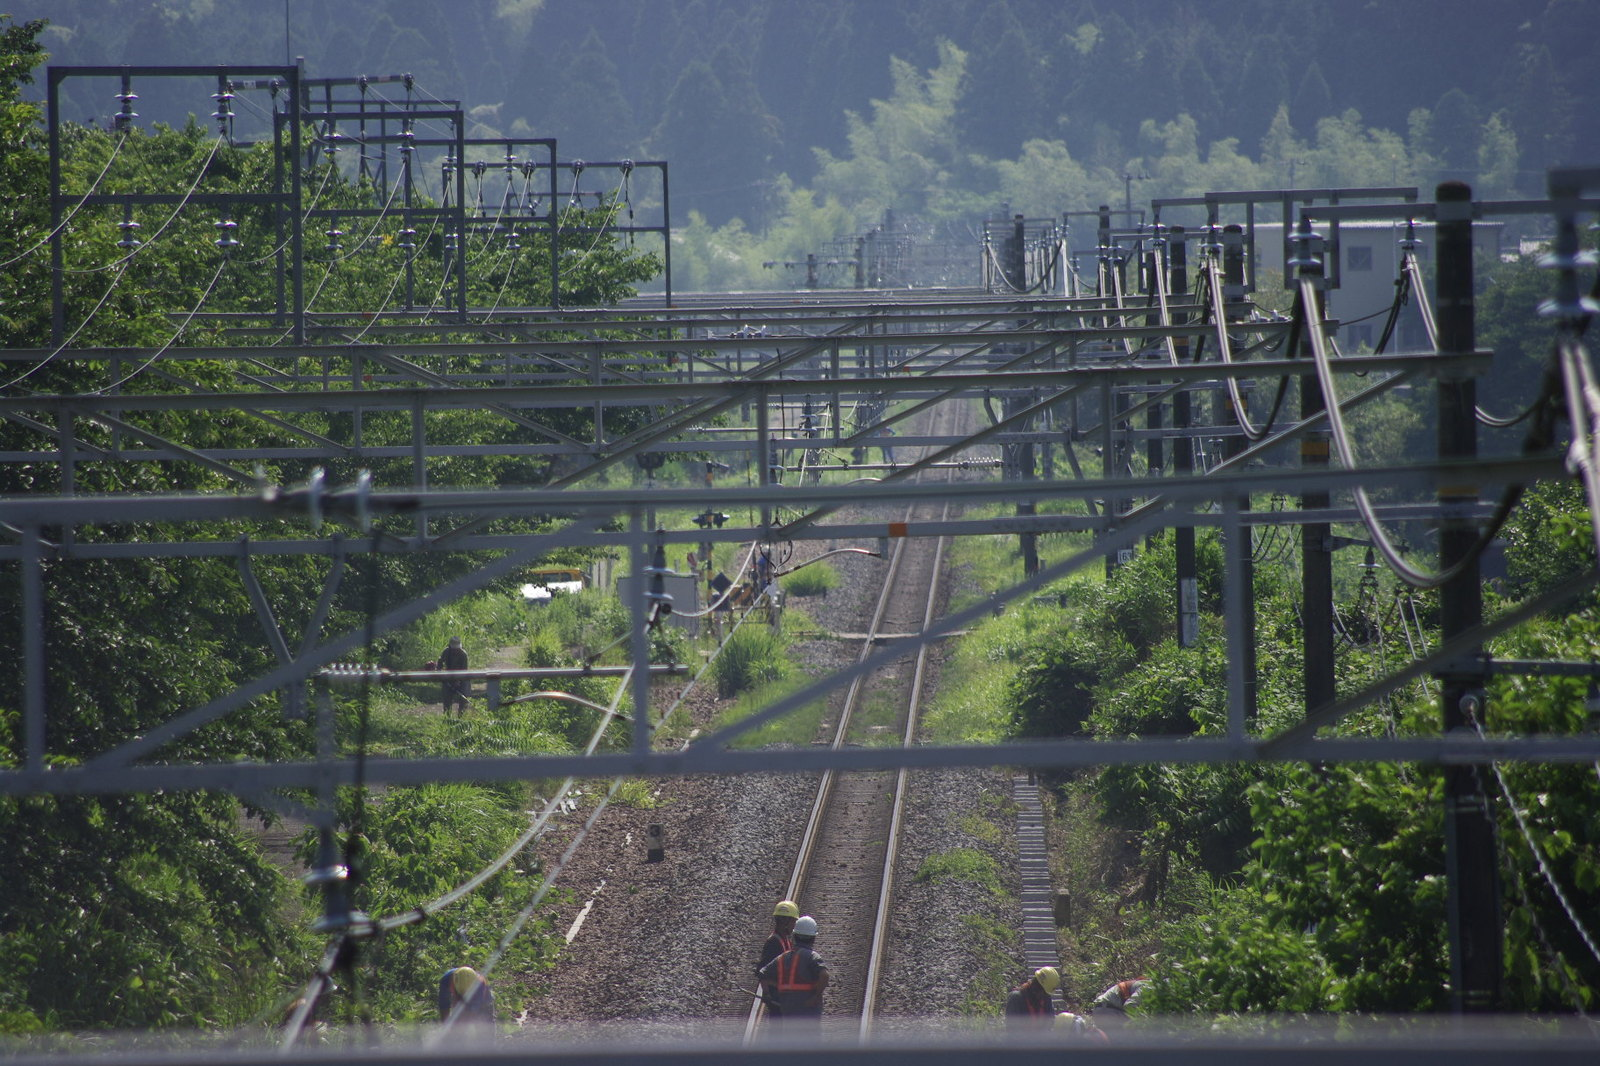 _igp0018 近くの陸橋から旧新垂井駅を見渡す。複線分の架線がとられているのは昔の名...